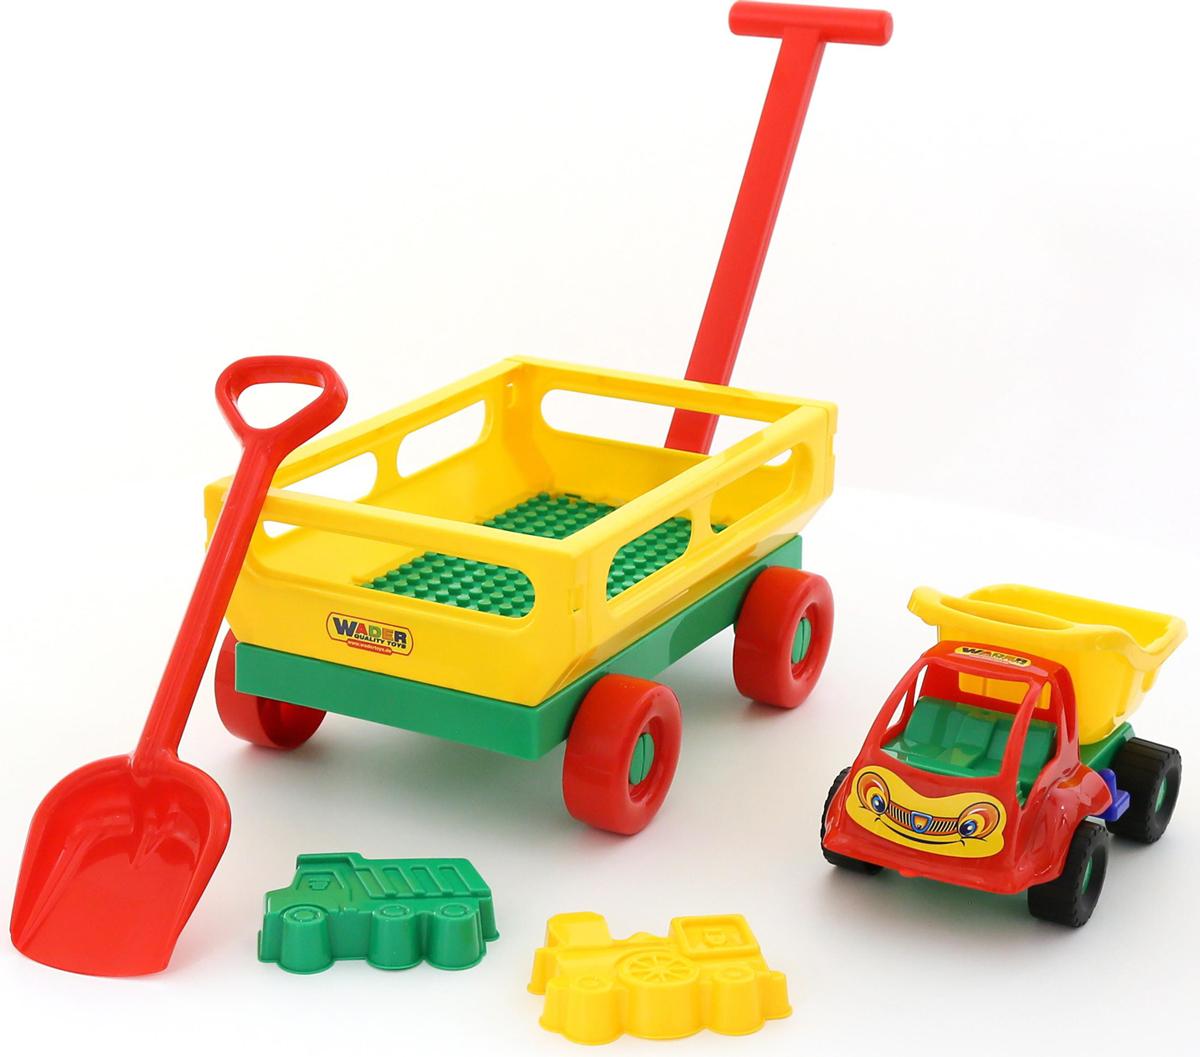 Фото - Полесье Набор игрушек для песочницы №495, цвет в ассортименте полесье набор игрушек для песочницы 468 цвет в ассортименте